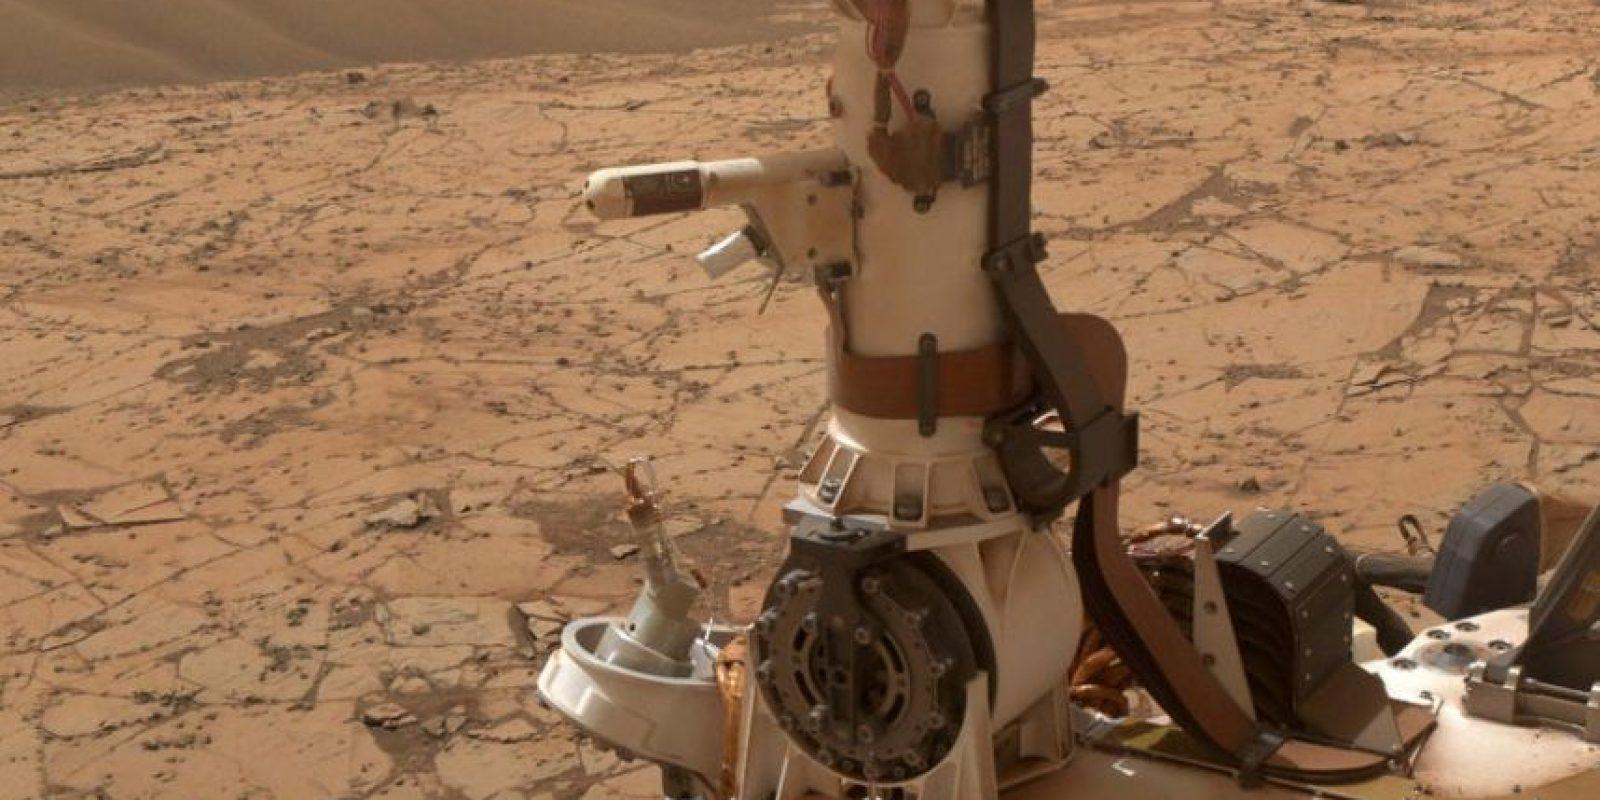 """""""Uno de los retos será lidiar con el viento"""", informa la agencia espacial estadounidense. Foto:Getty Images"""